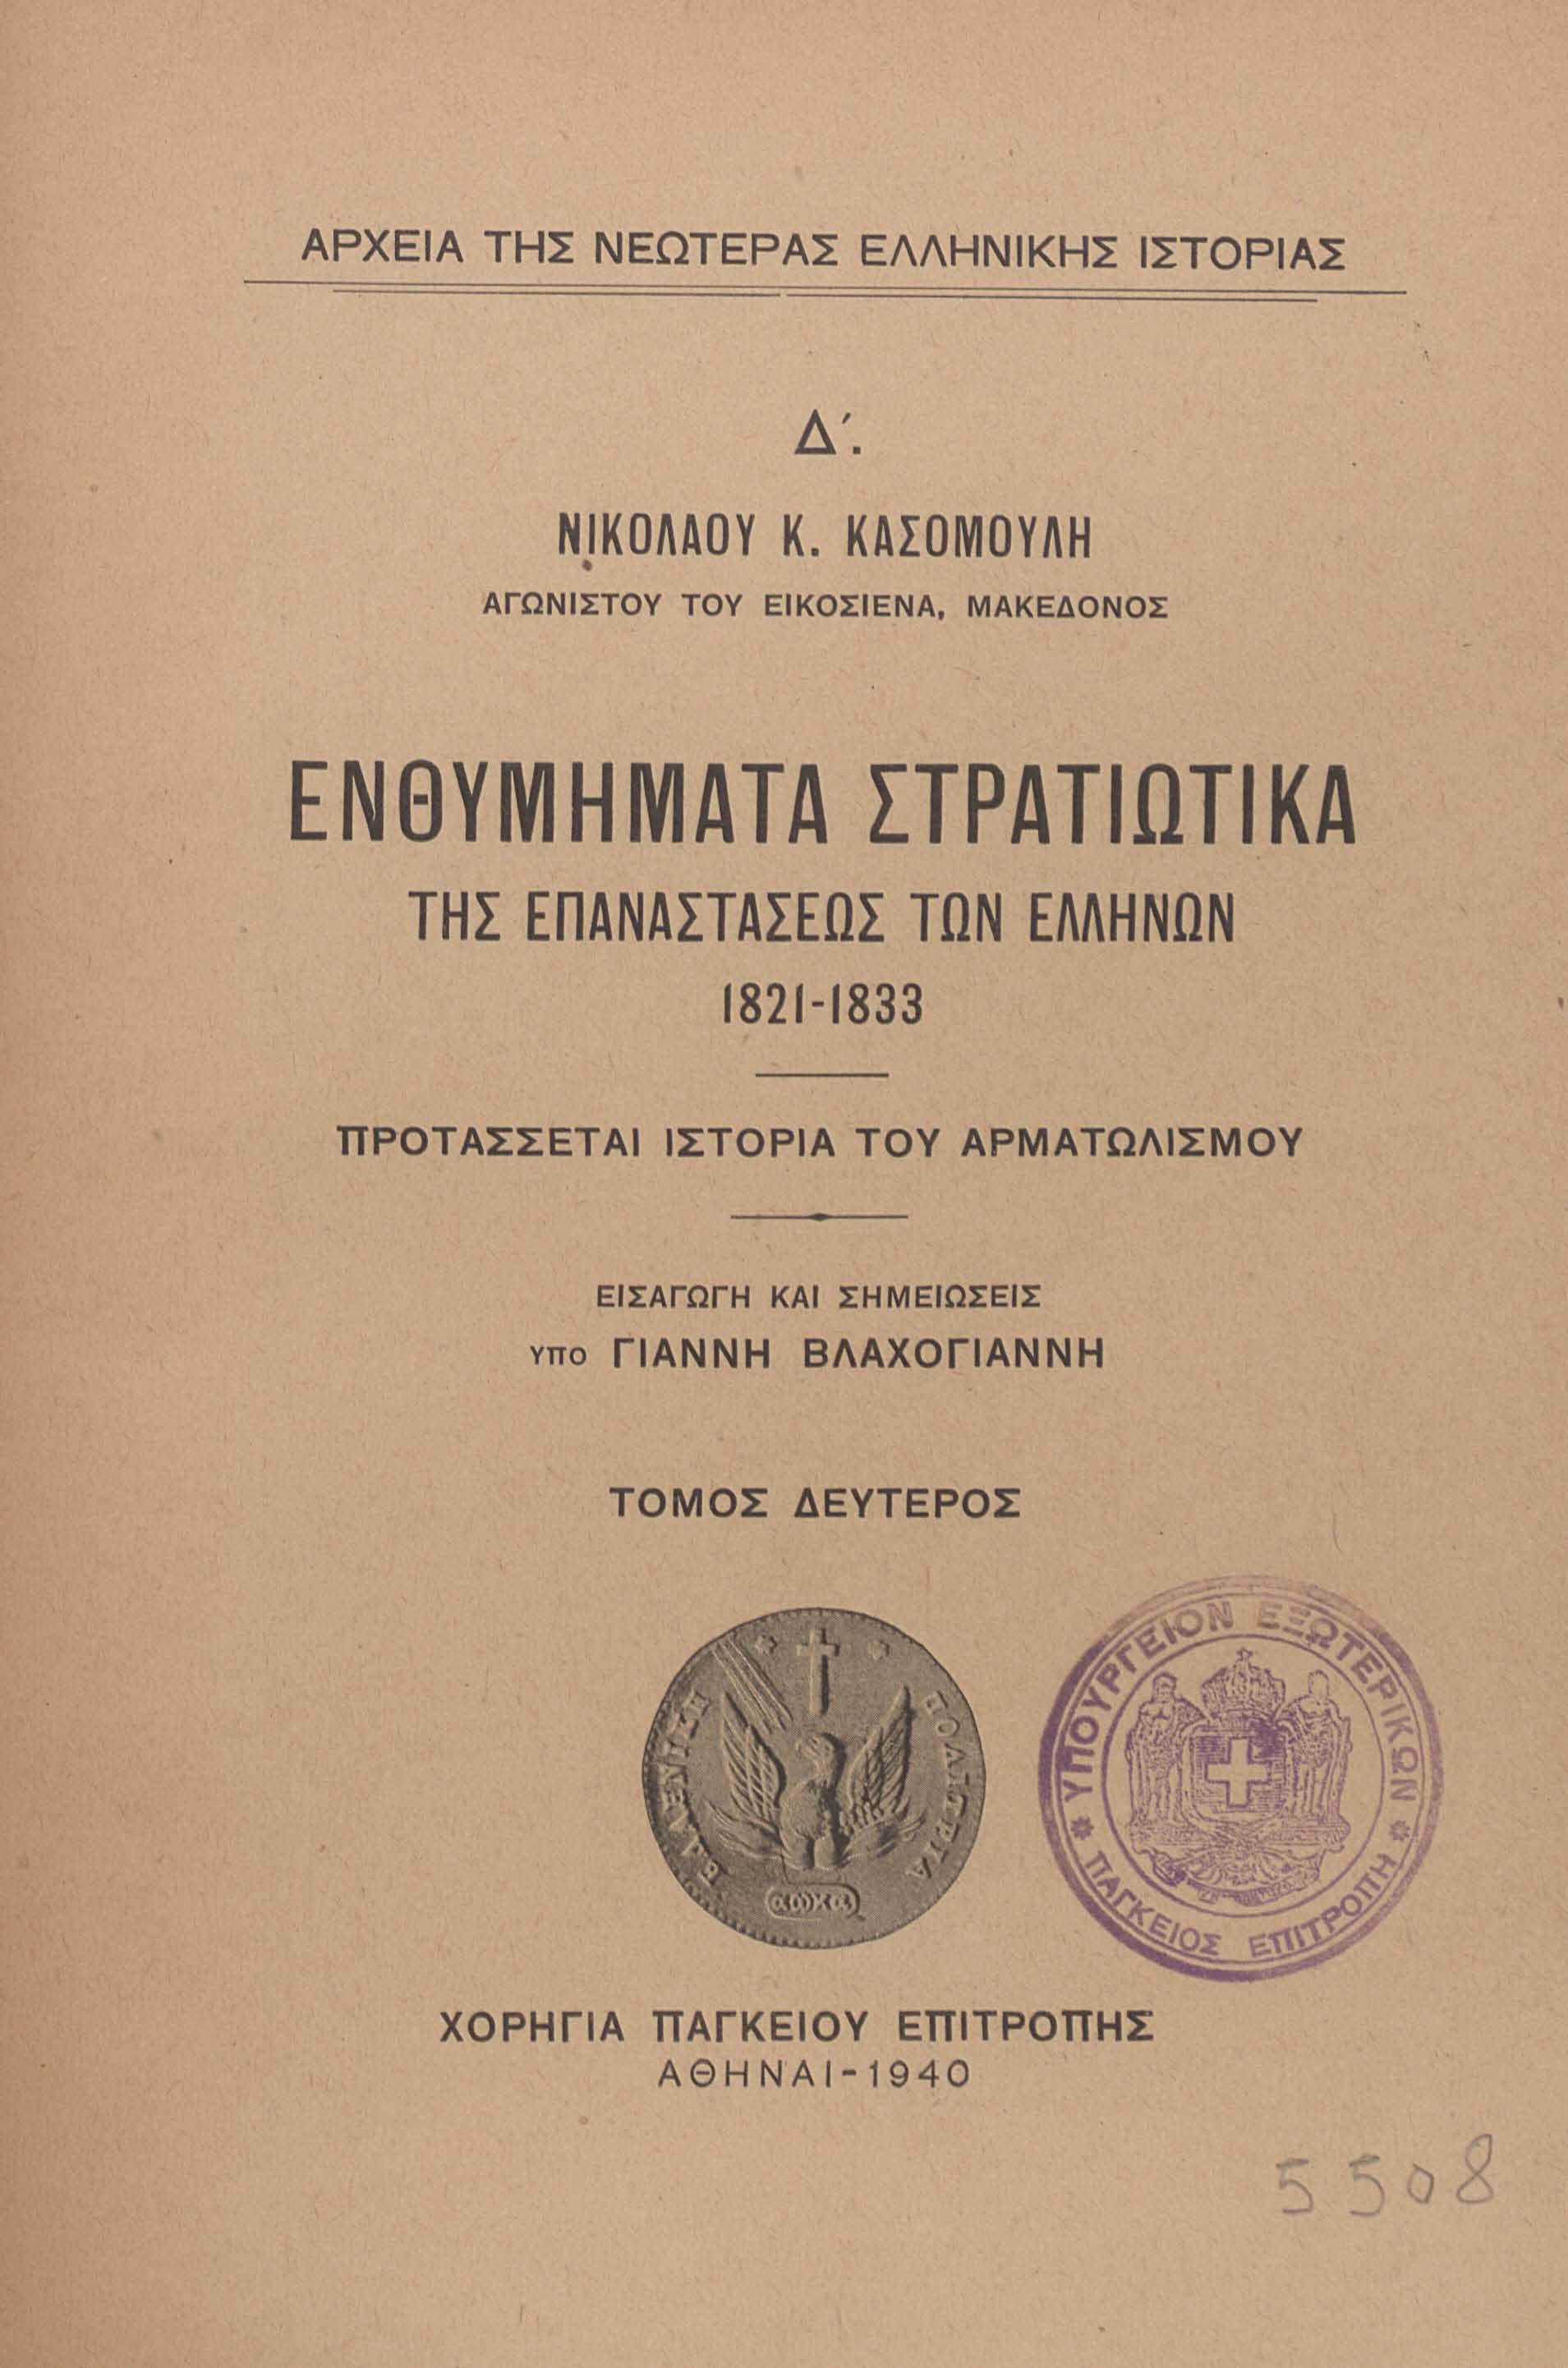 Νικόλαος Κασομούλης: Ενθυμήματα στρατιωτικά της Επαναστάσεως των Ελλήνων 1821-1833.